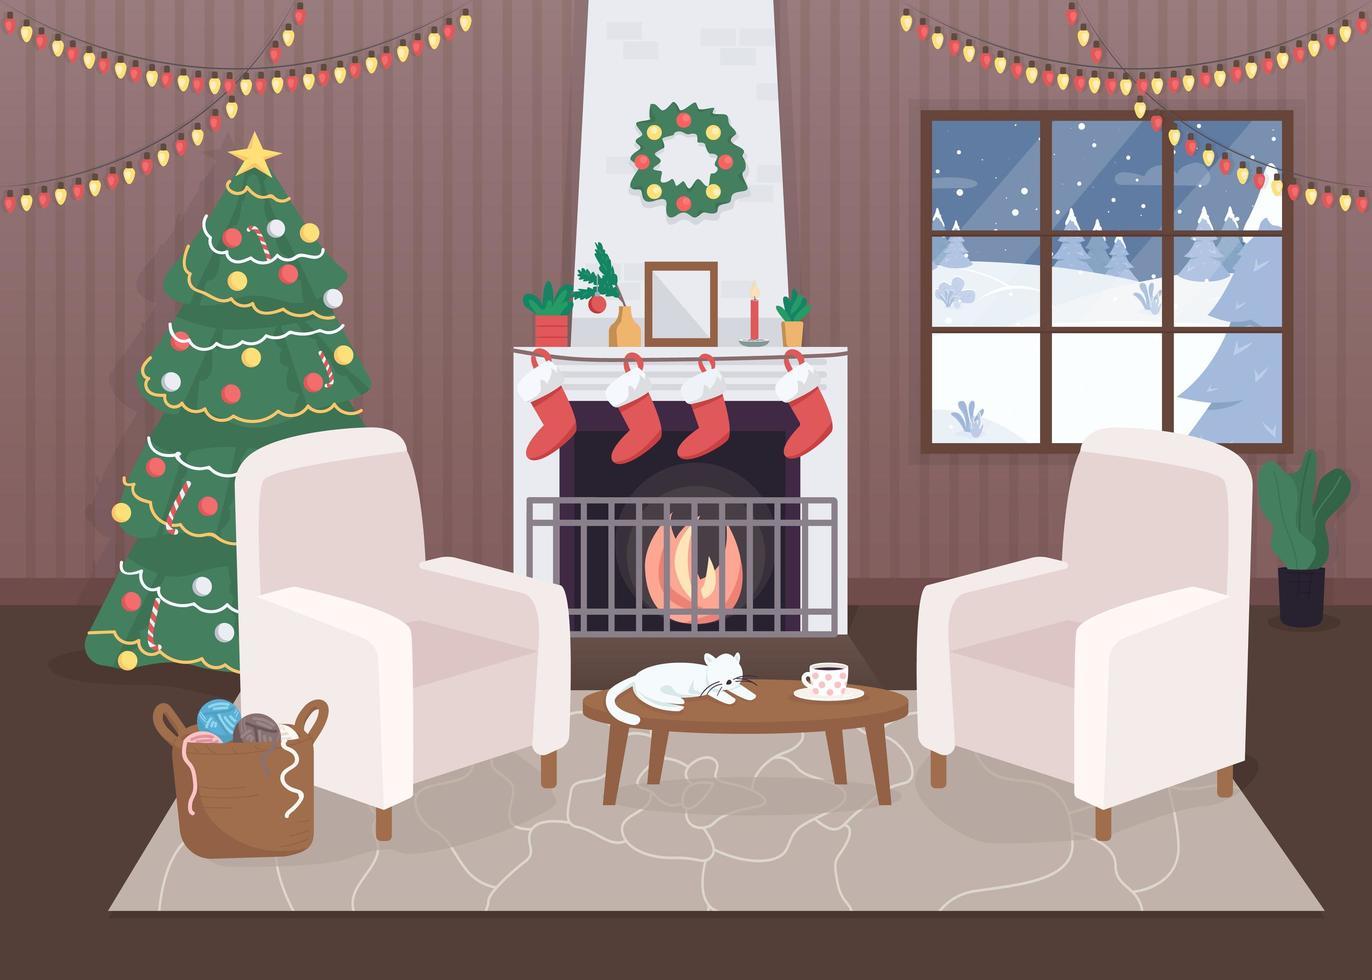 binnen versierd kersthuis vector